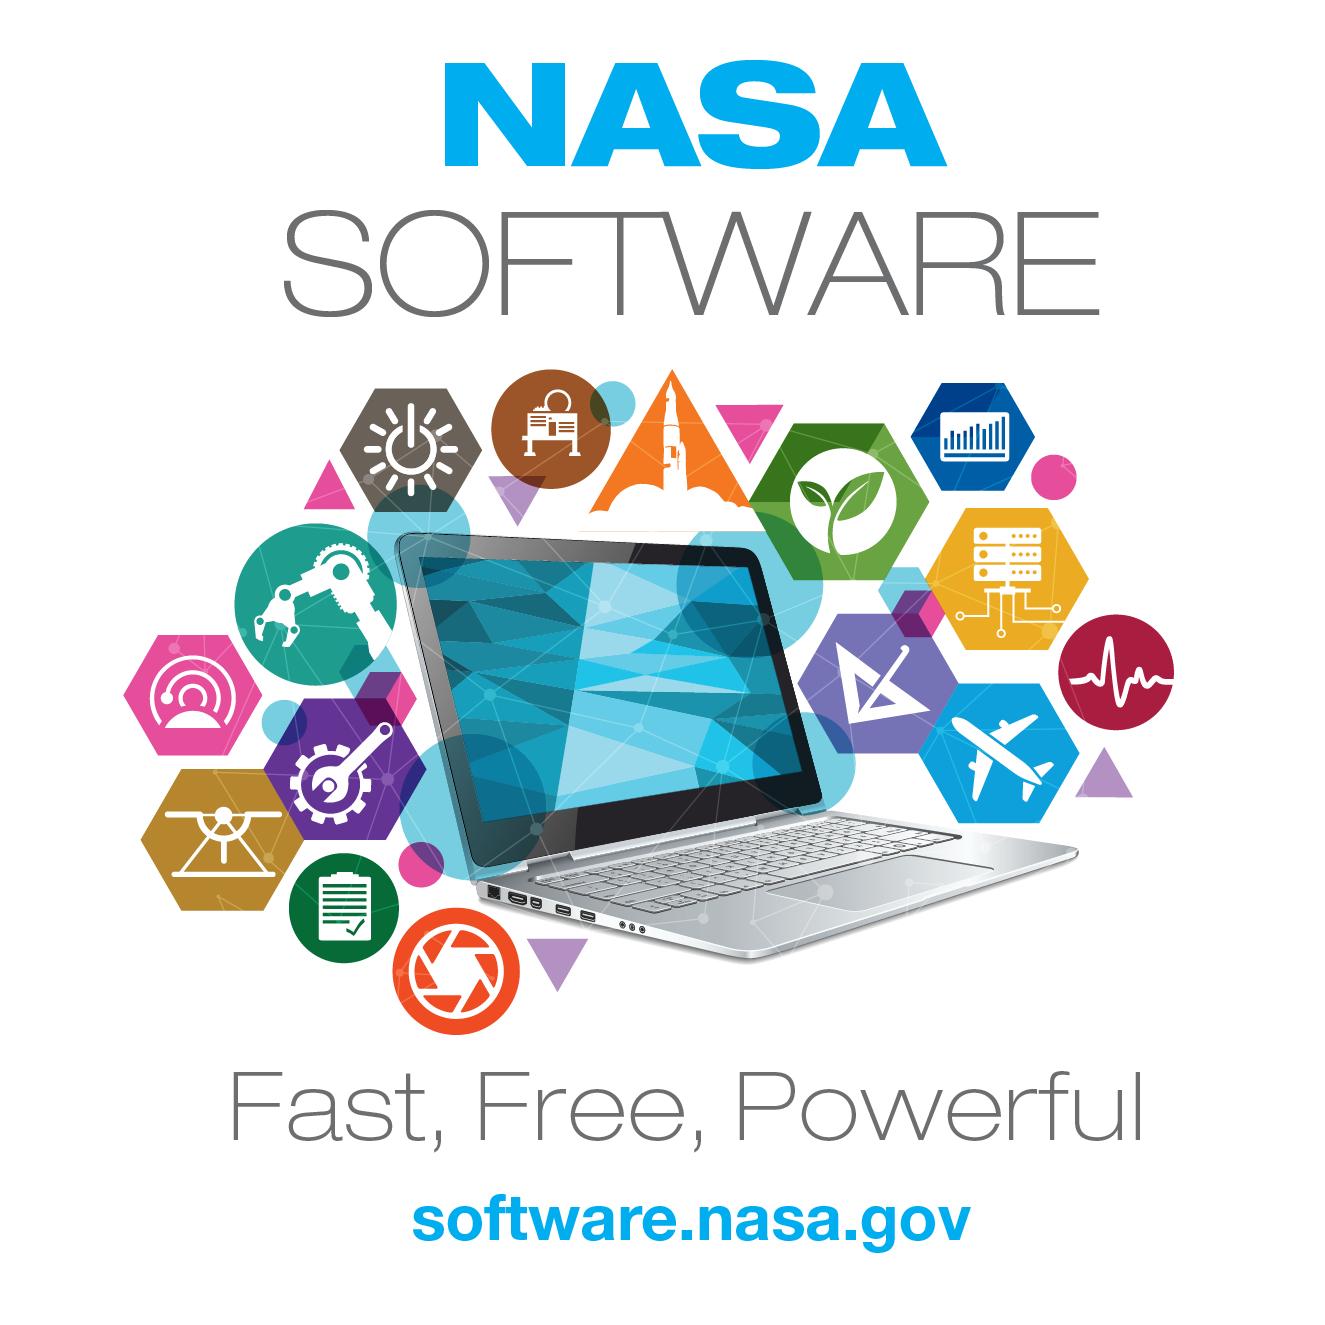 Kostenloser Software Katalog von der NASA